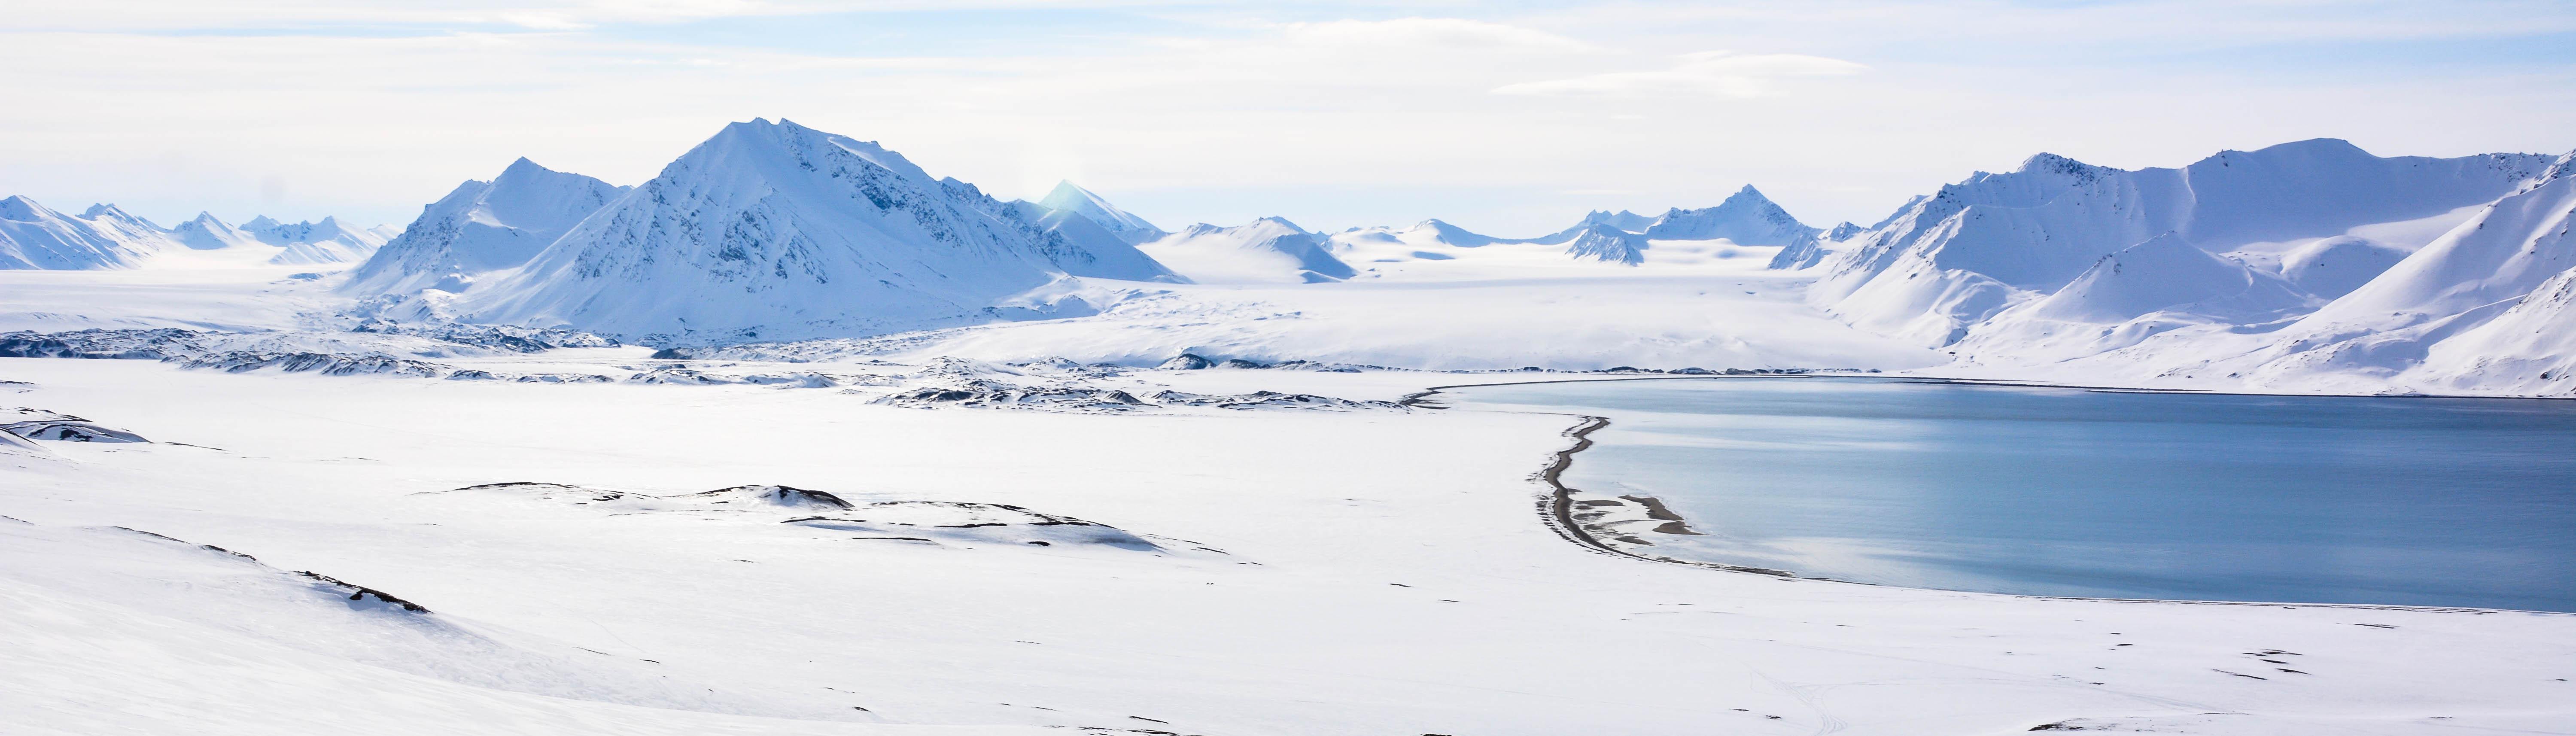 Skitouring Svalbard